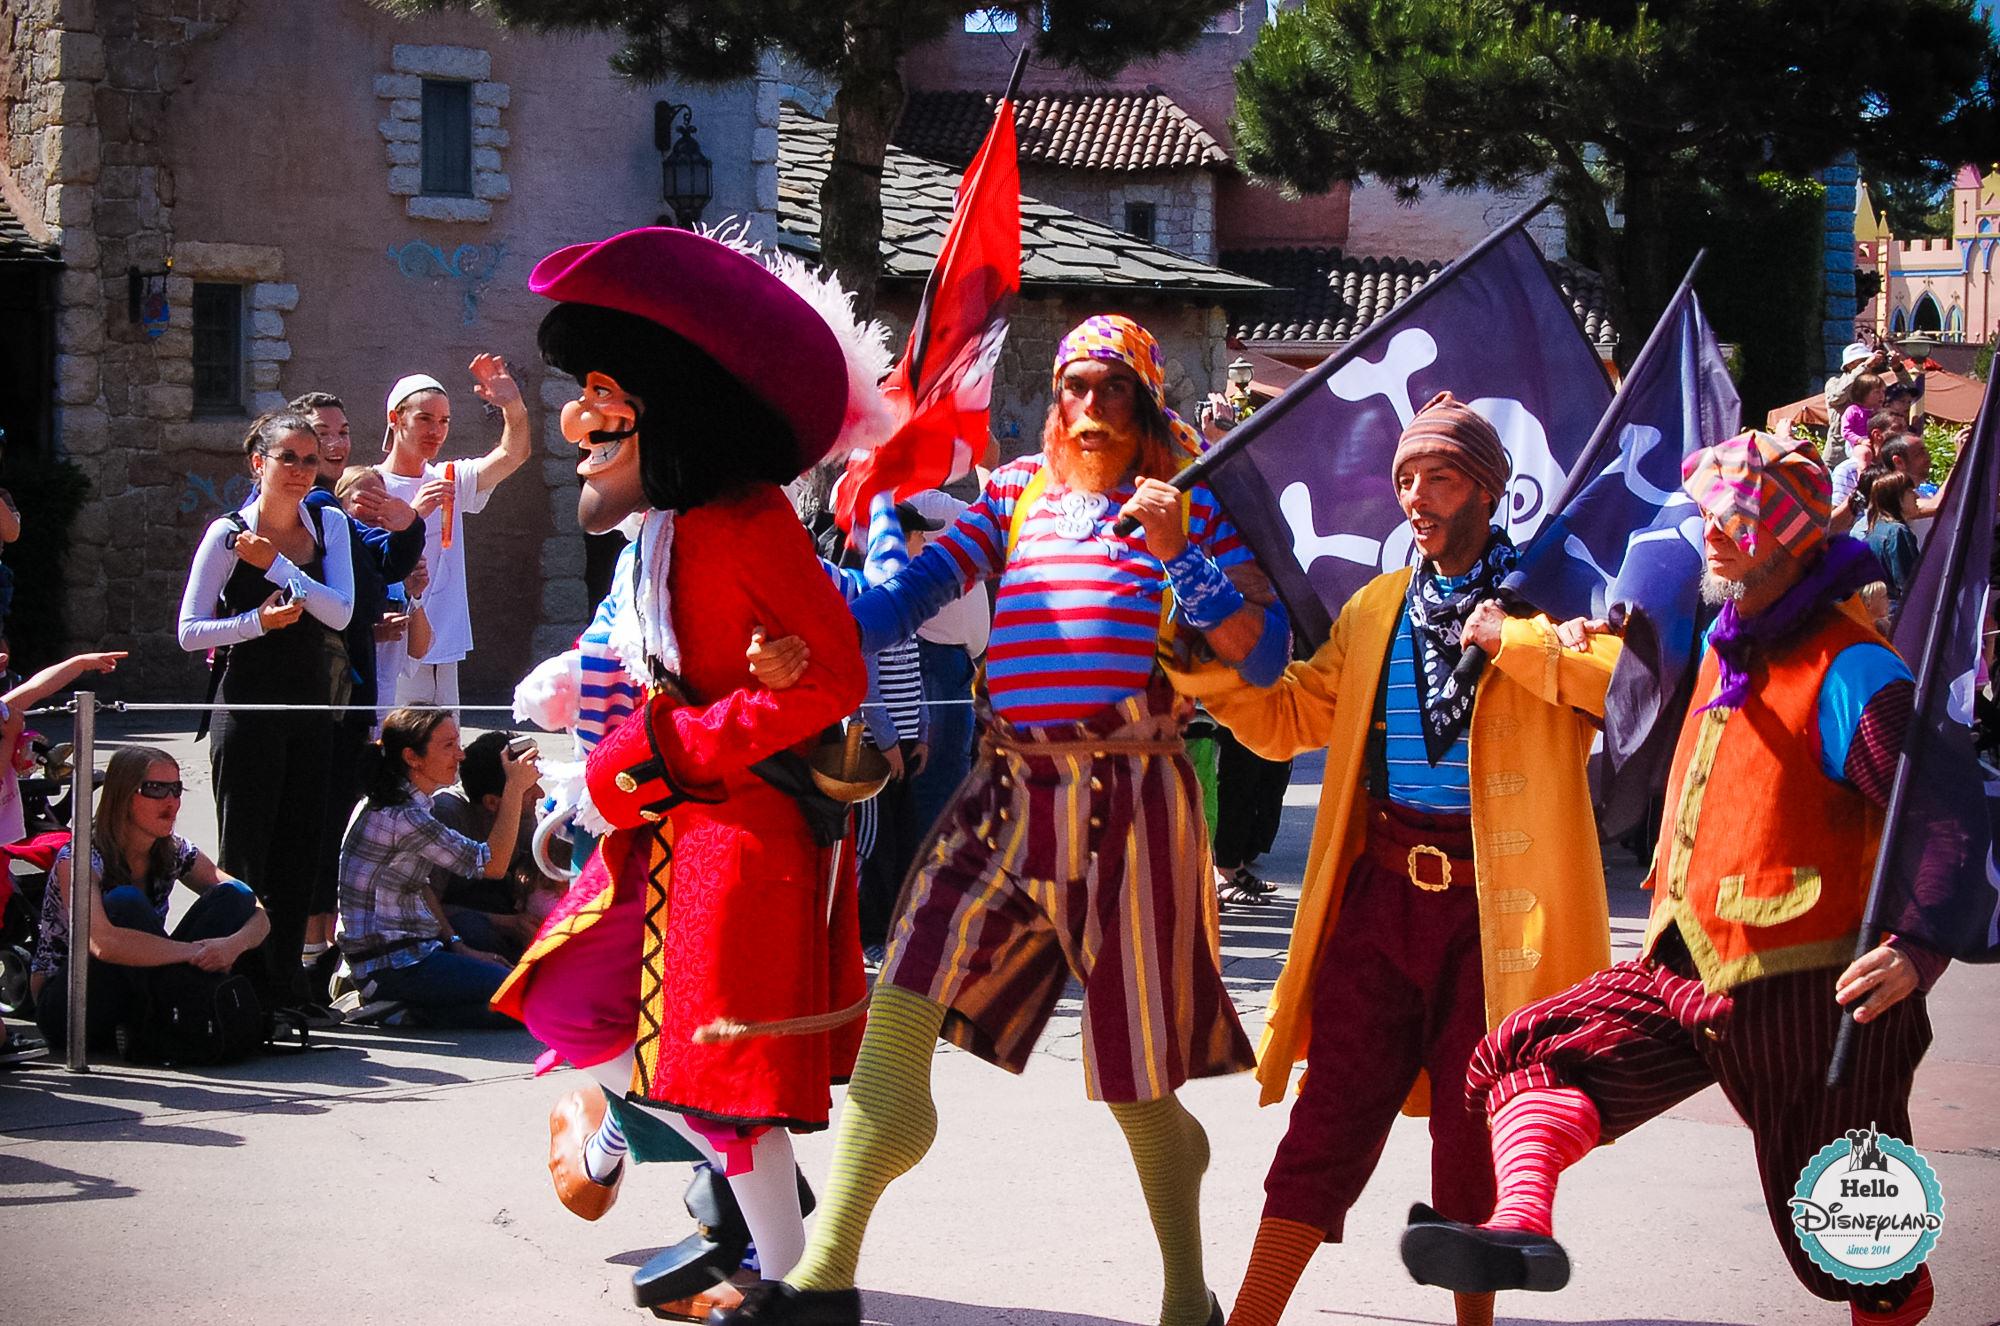 Disney Once Upon a Dream Parade - Disneyland Paris -44